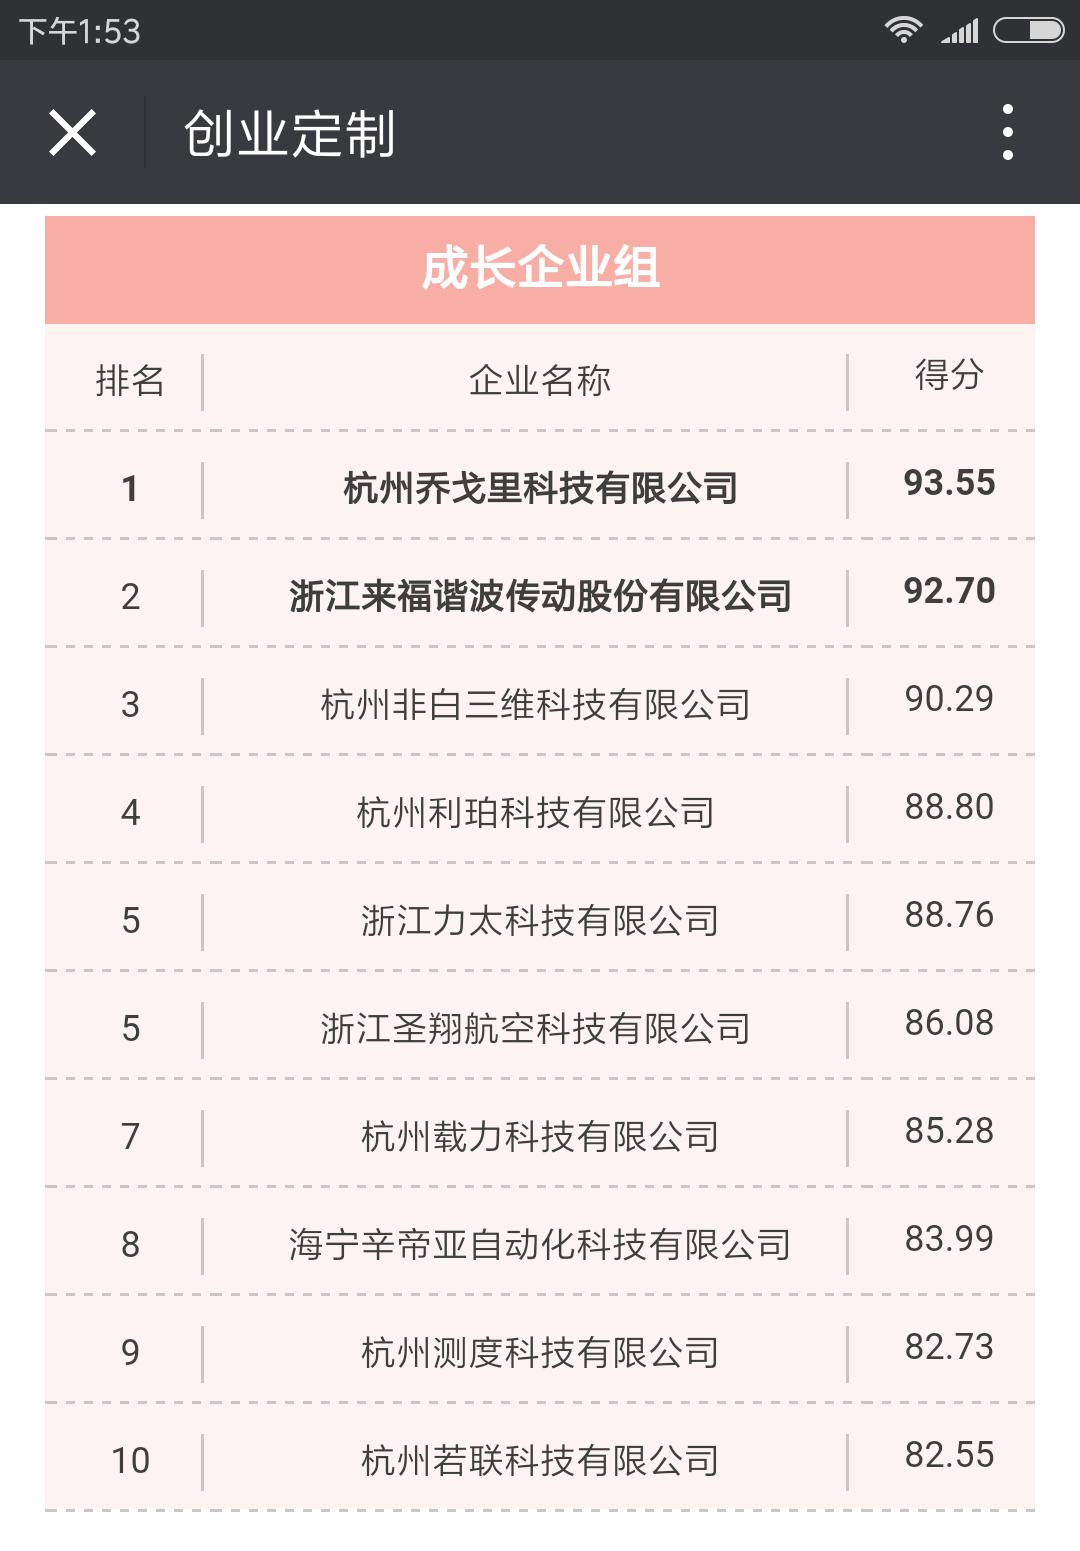 Screenshot_2017-08-19-13-53-48-709_com.tencent.mm.png